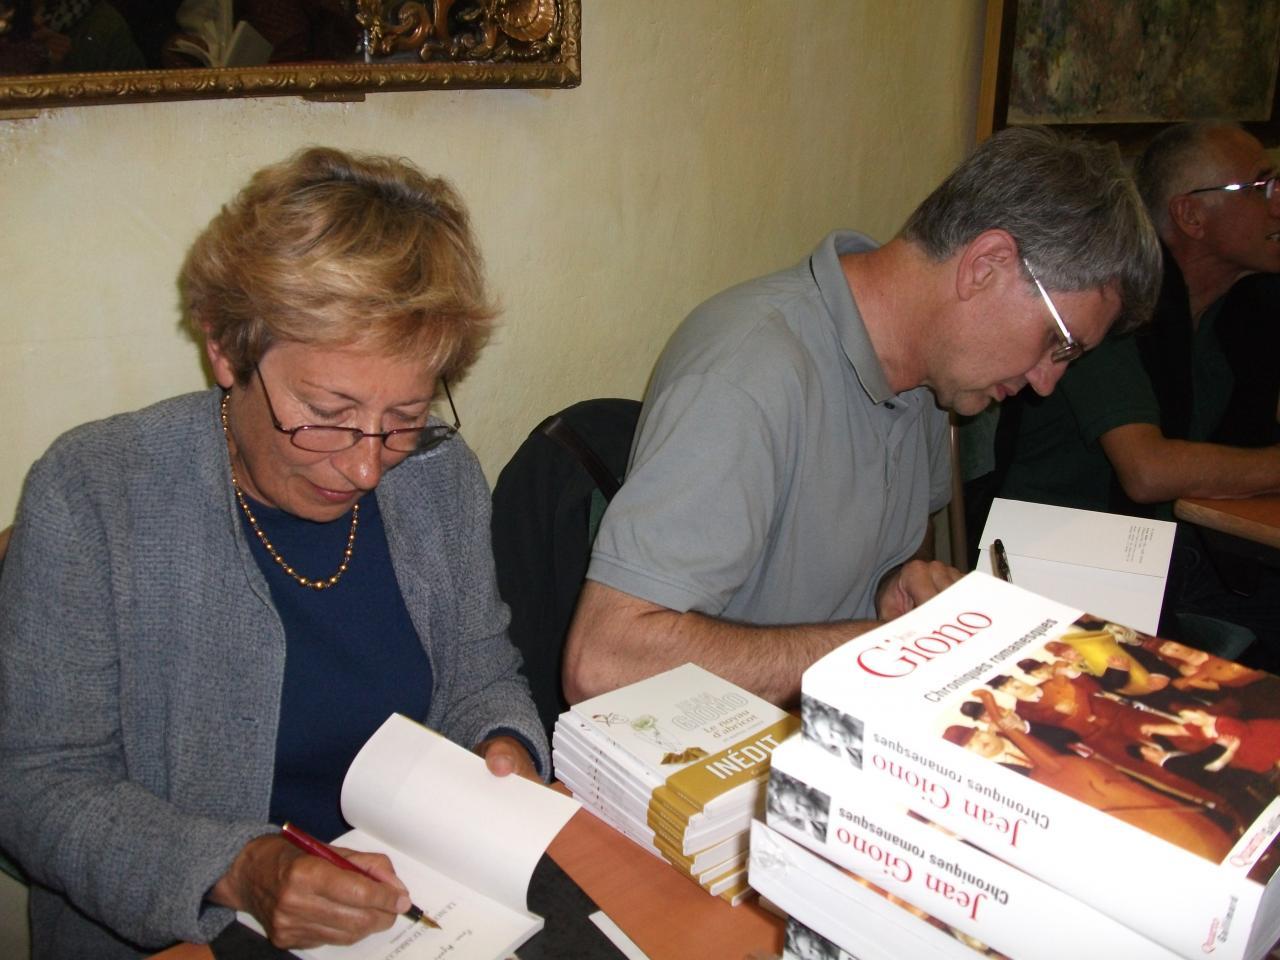 27/07/2011, Hôtel de ville, Manosque (avec Mireille Sacotte)